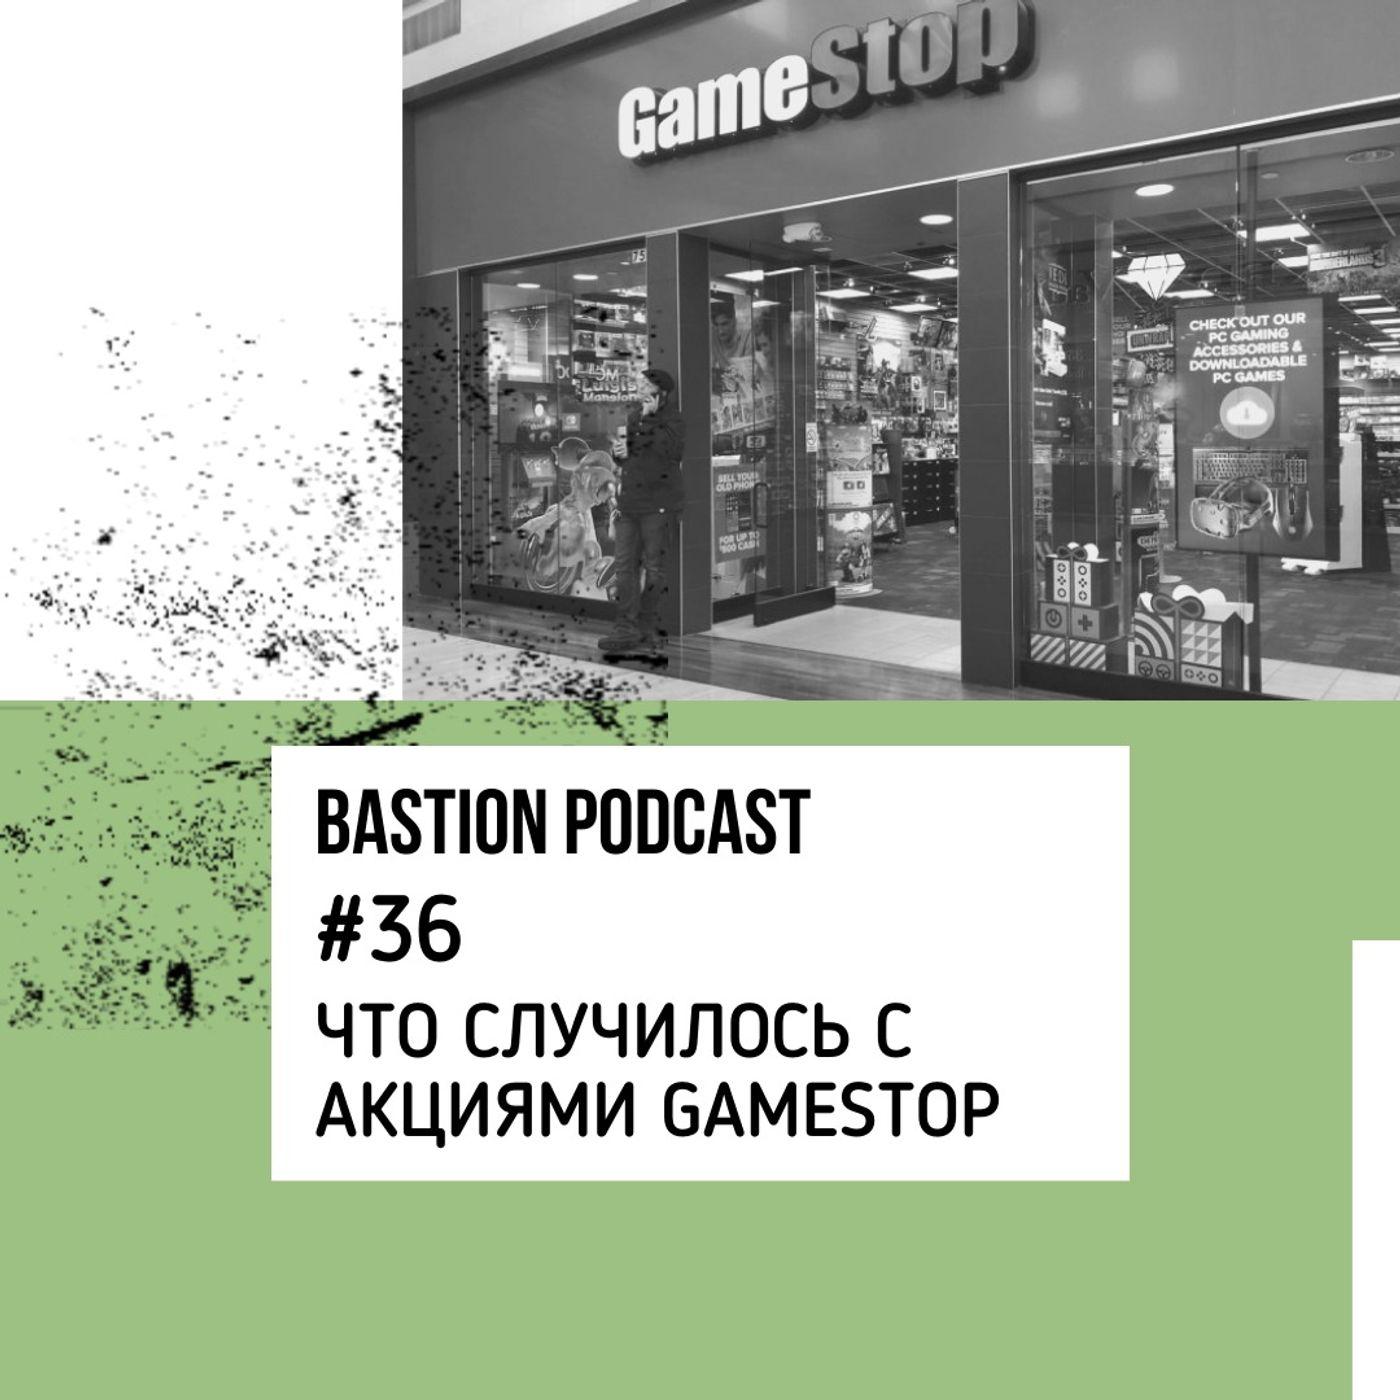 #36: Что случилось с акциями GameStop